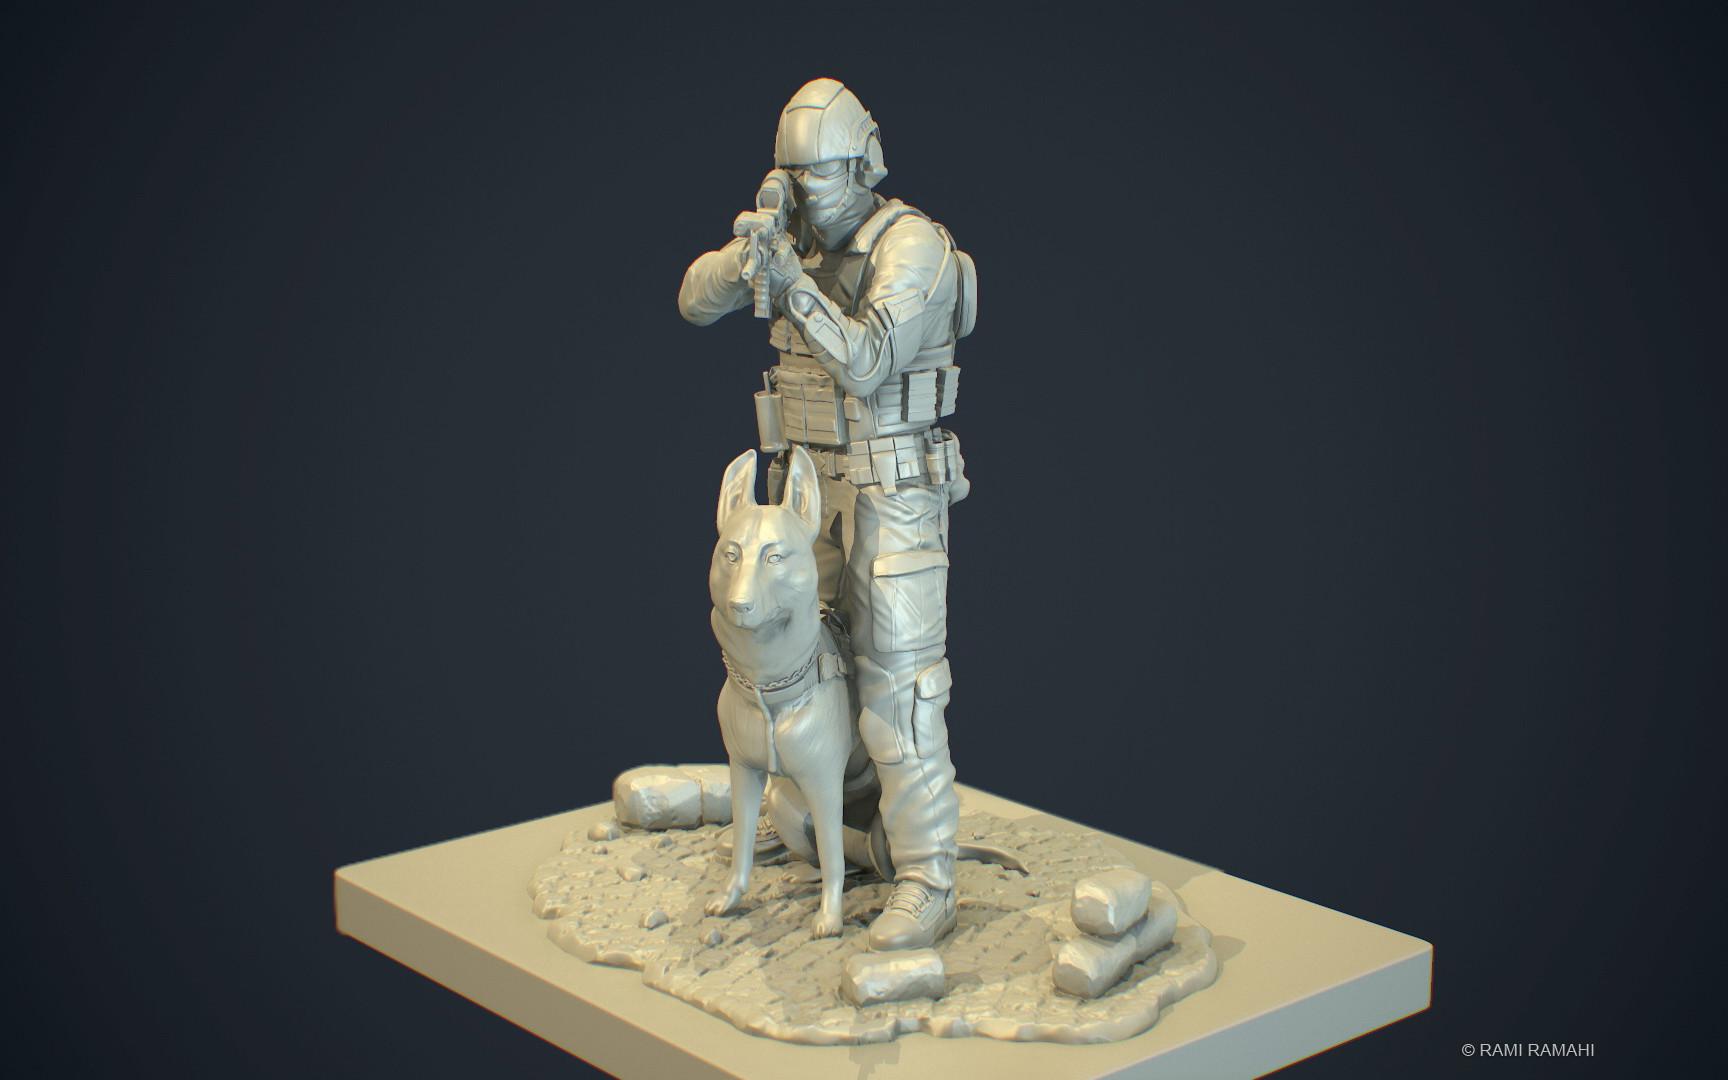 Rami ramahi soldier 3dprint 002